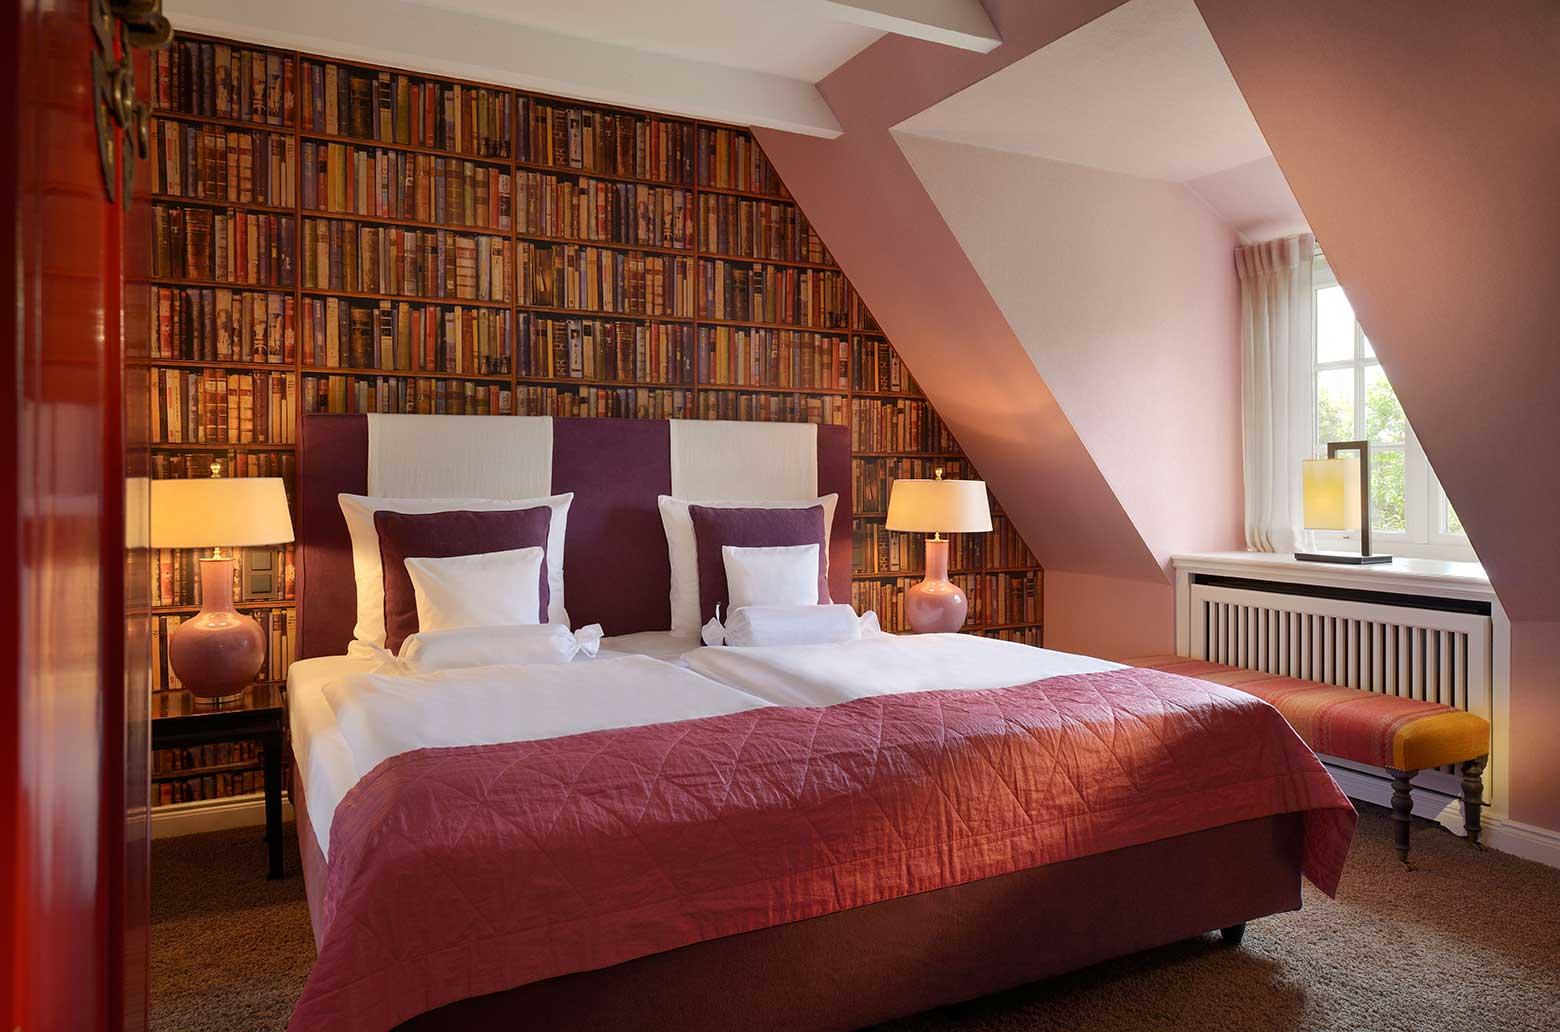 hotel village kampen sylt preise. Black Bedroom Furniture Sets. Home Design Ideas